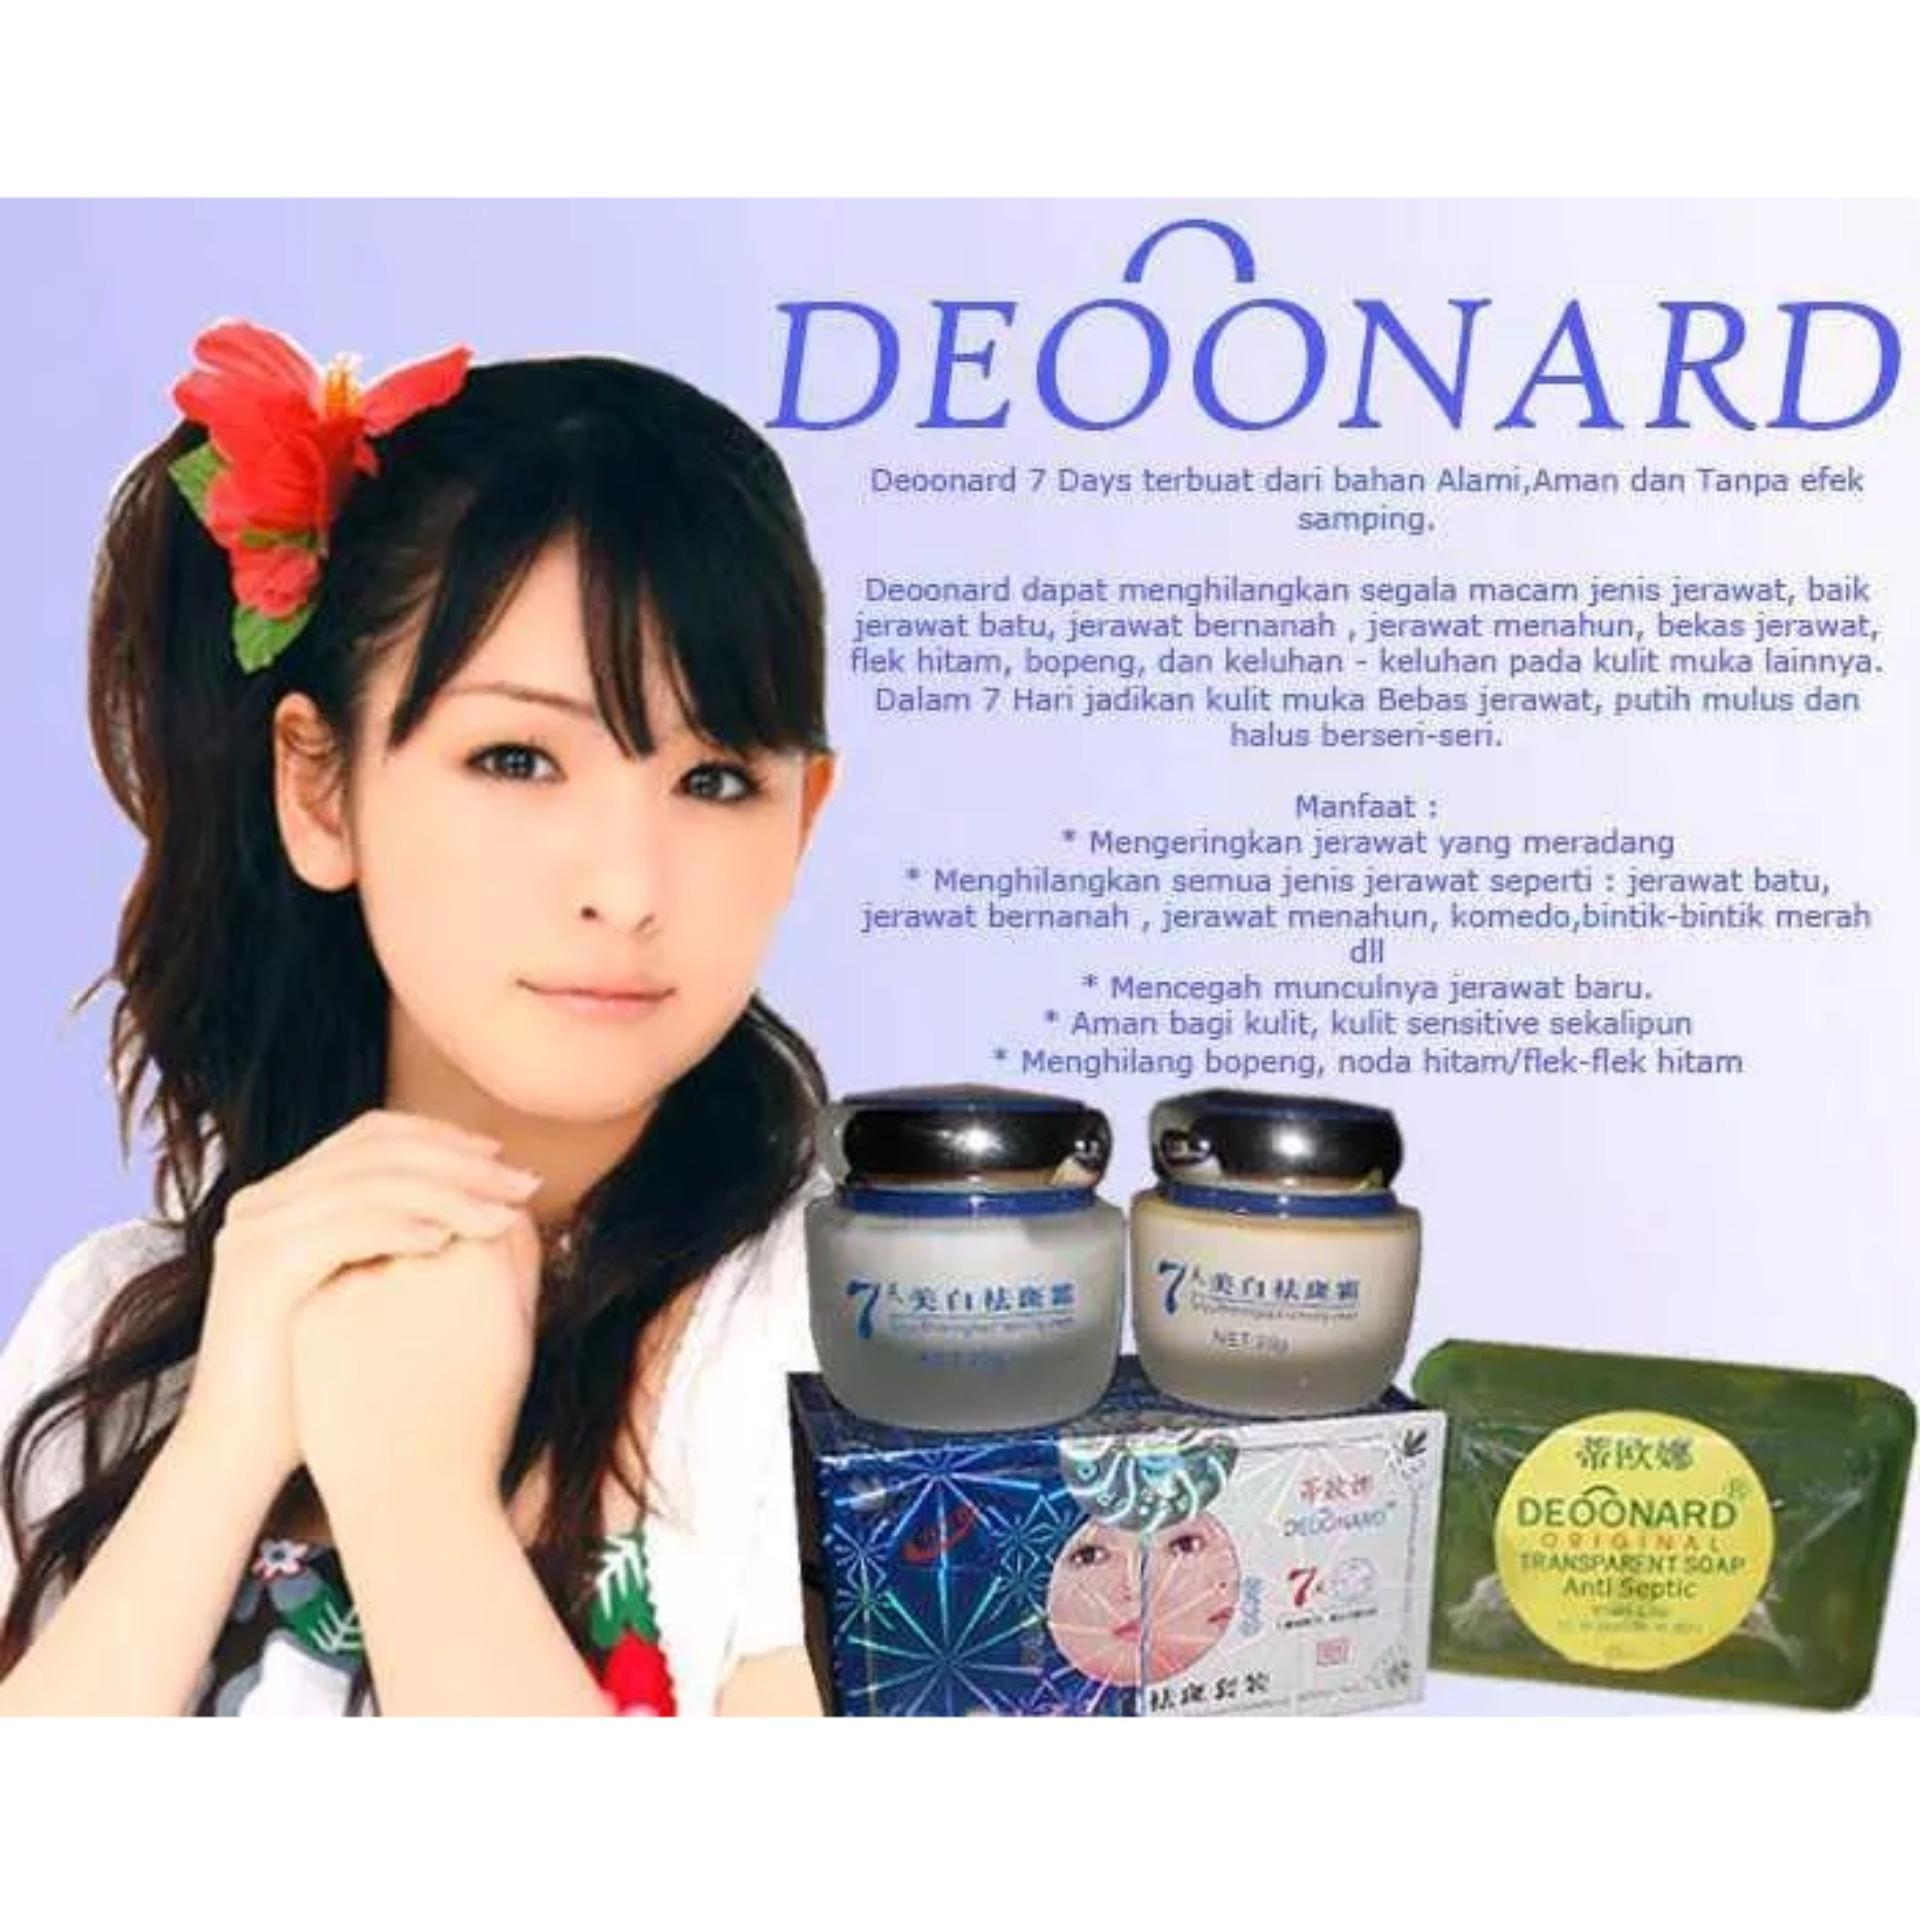 Obat Pemutih Kulit Wajah Muka Obat Jerawat Ampuh Cream Penghilang Flek Hitam Bekas Jerawat Deoonard 7